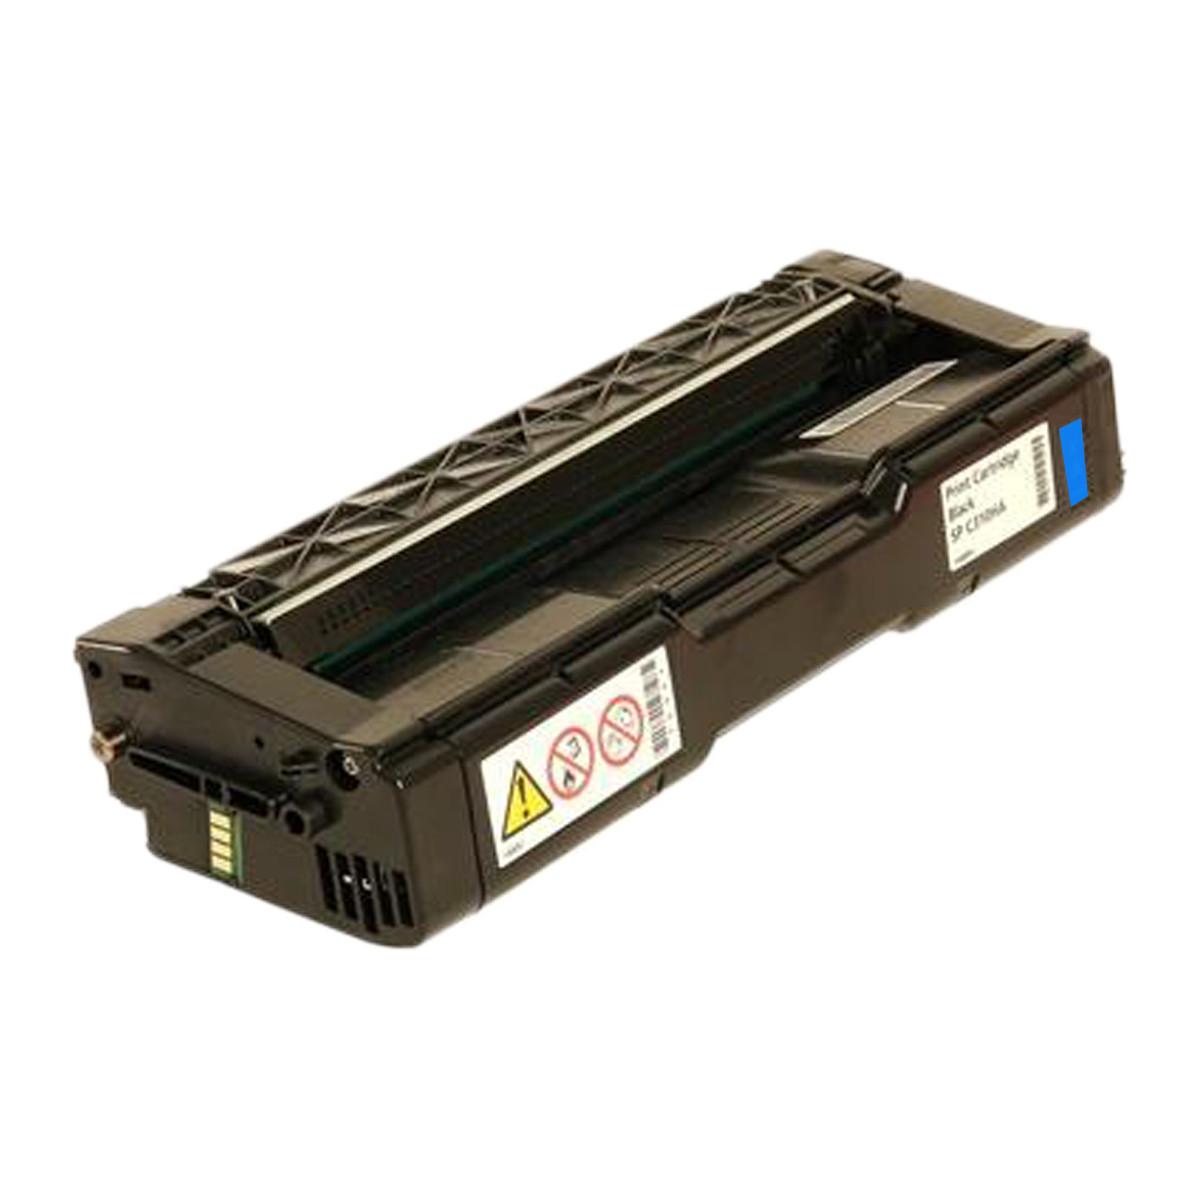 Toner Compatível com Ricoh SP C232CT C252HA Ciano | SPC232 SPC230 SPC242 SPC252 | 6.000 páginas